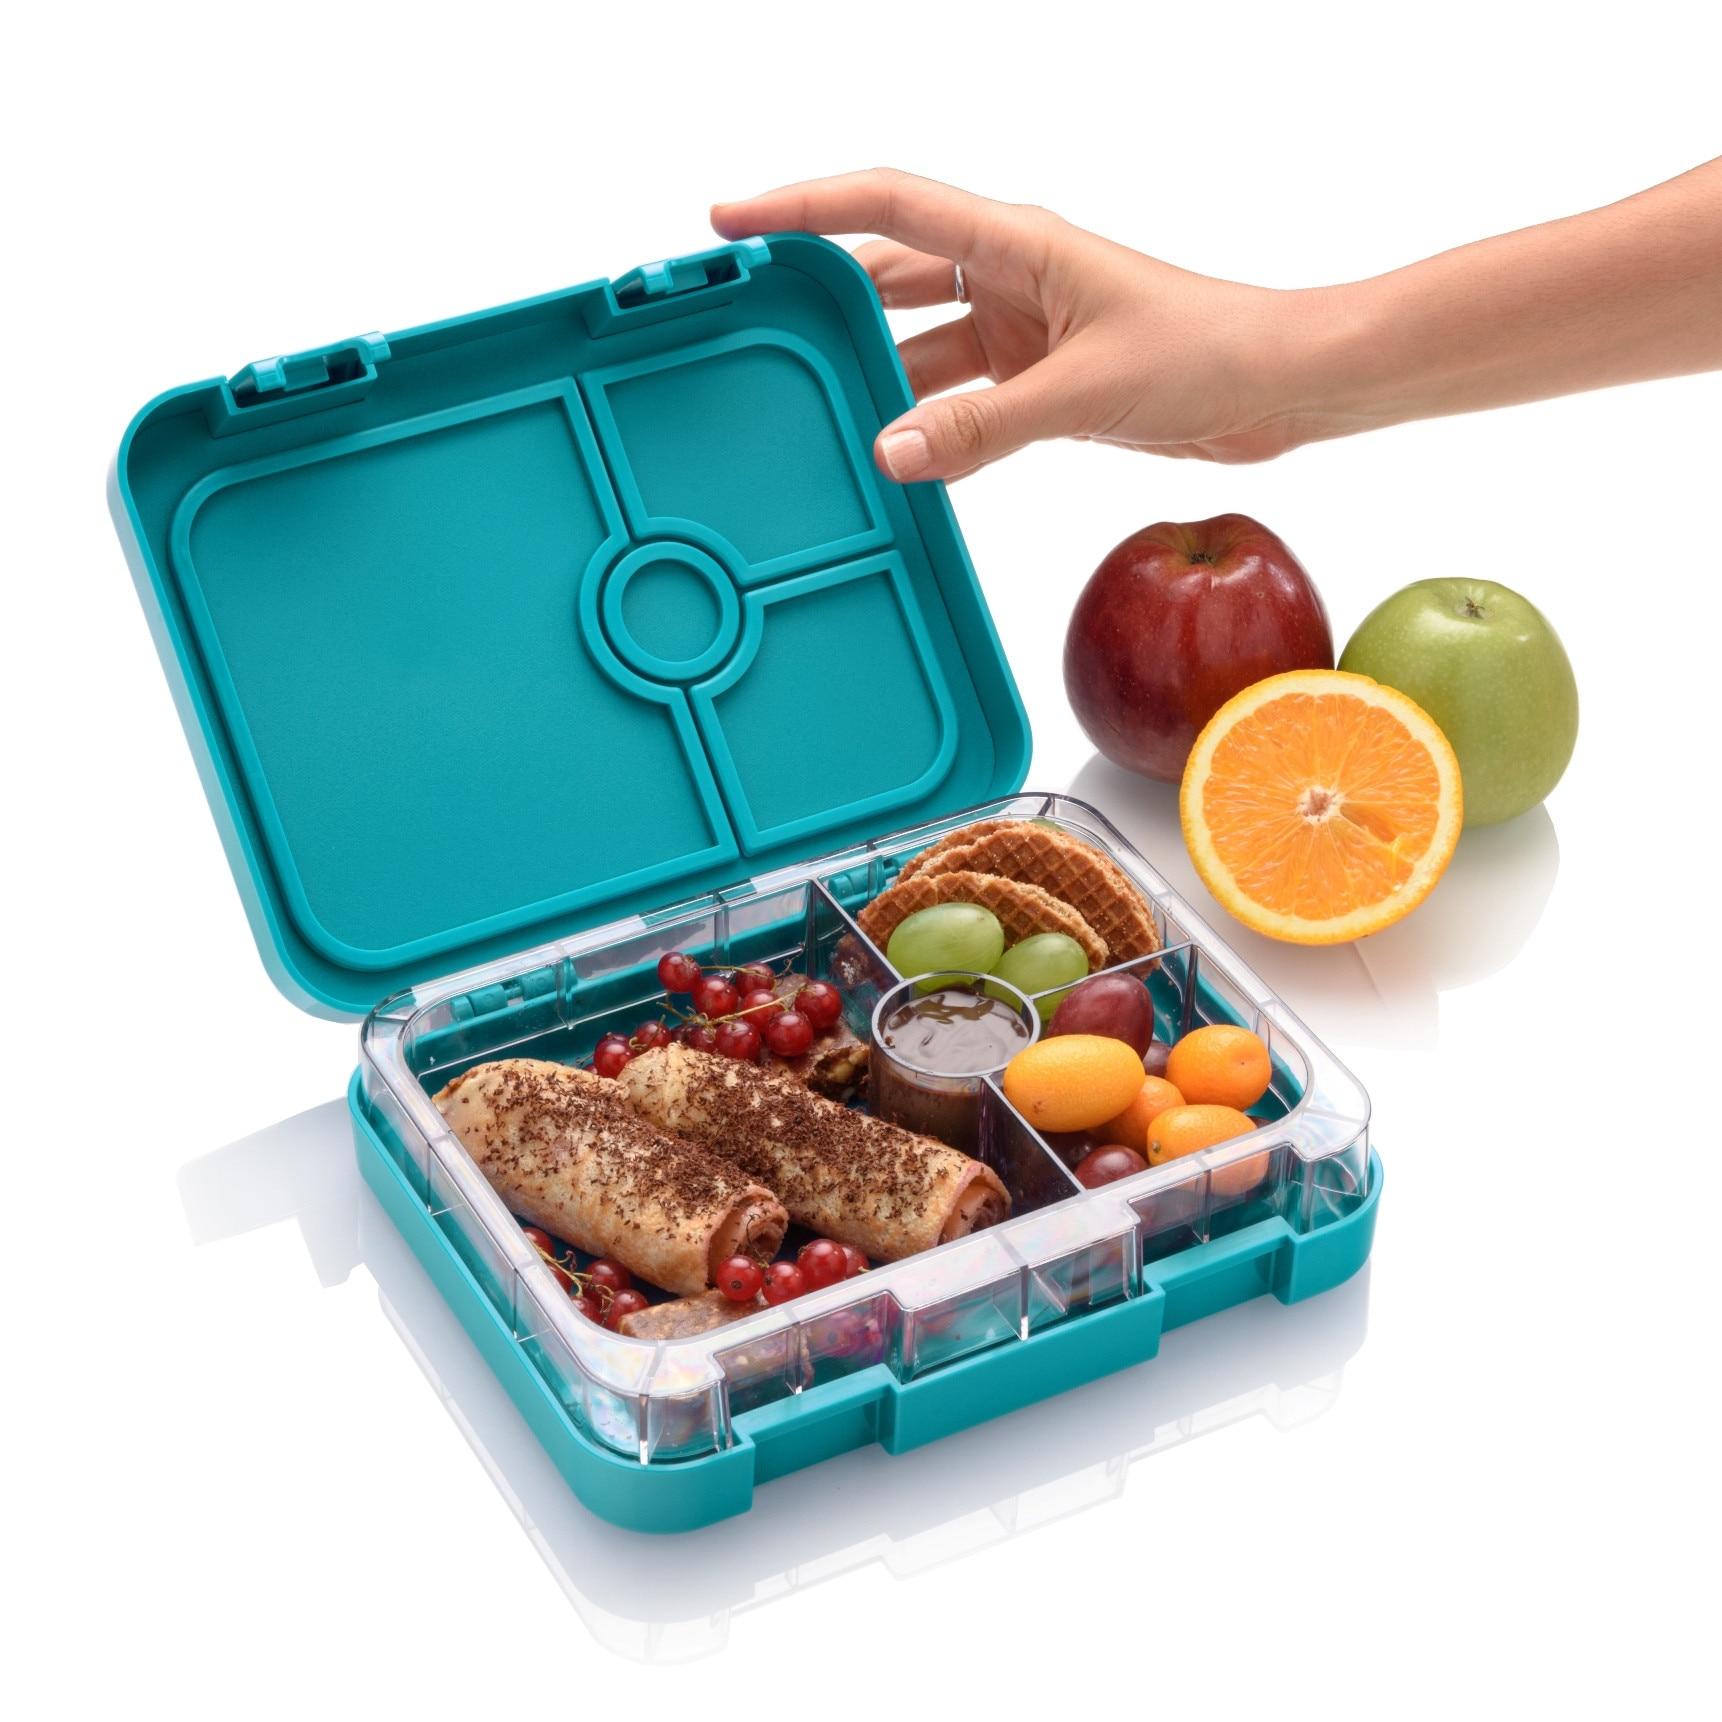 Prânz sănătos Bento într-o cutie cu mâncare japoneză; Insula naturală